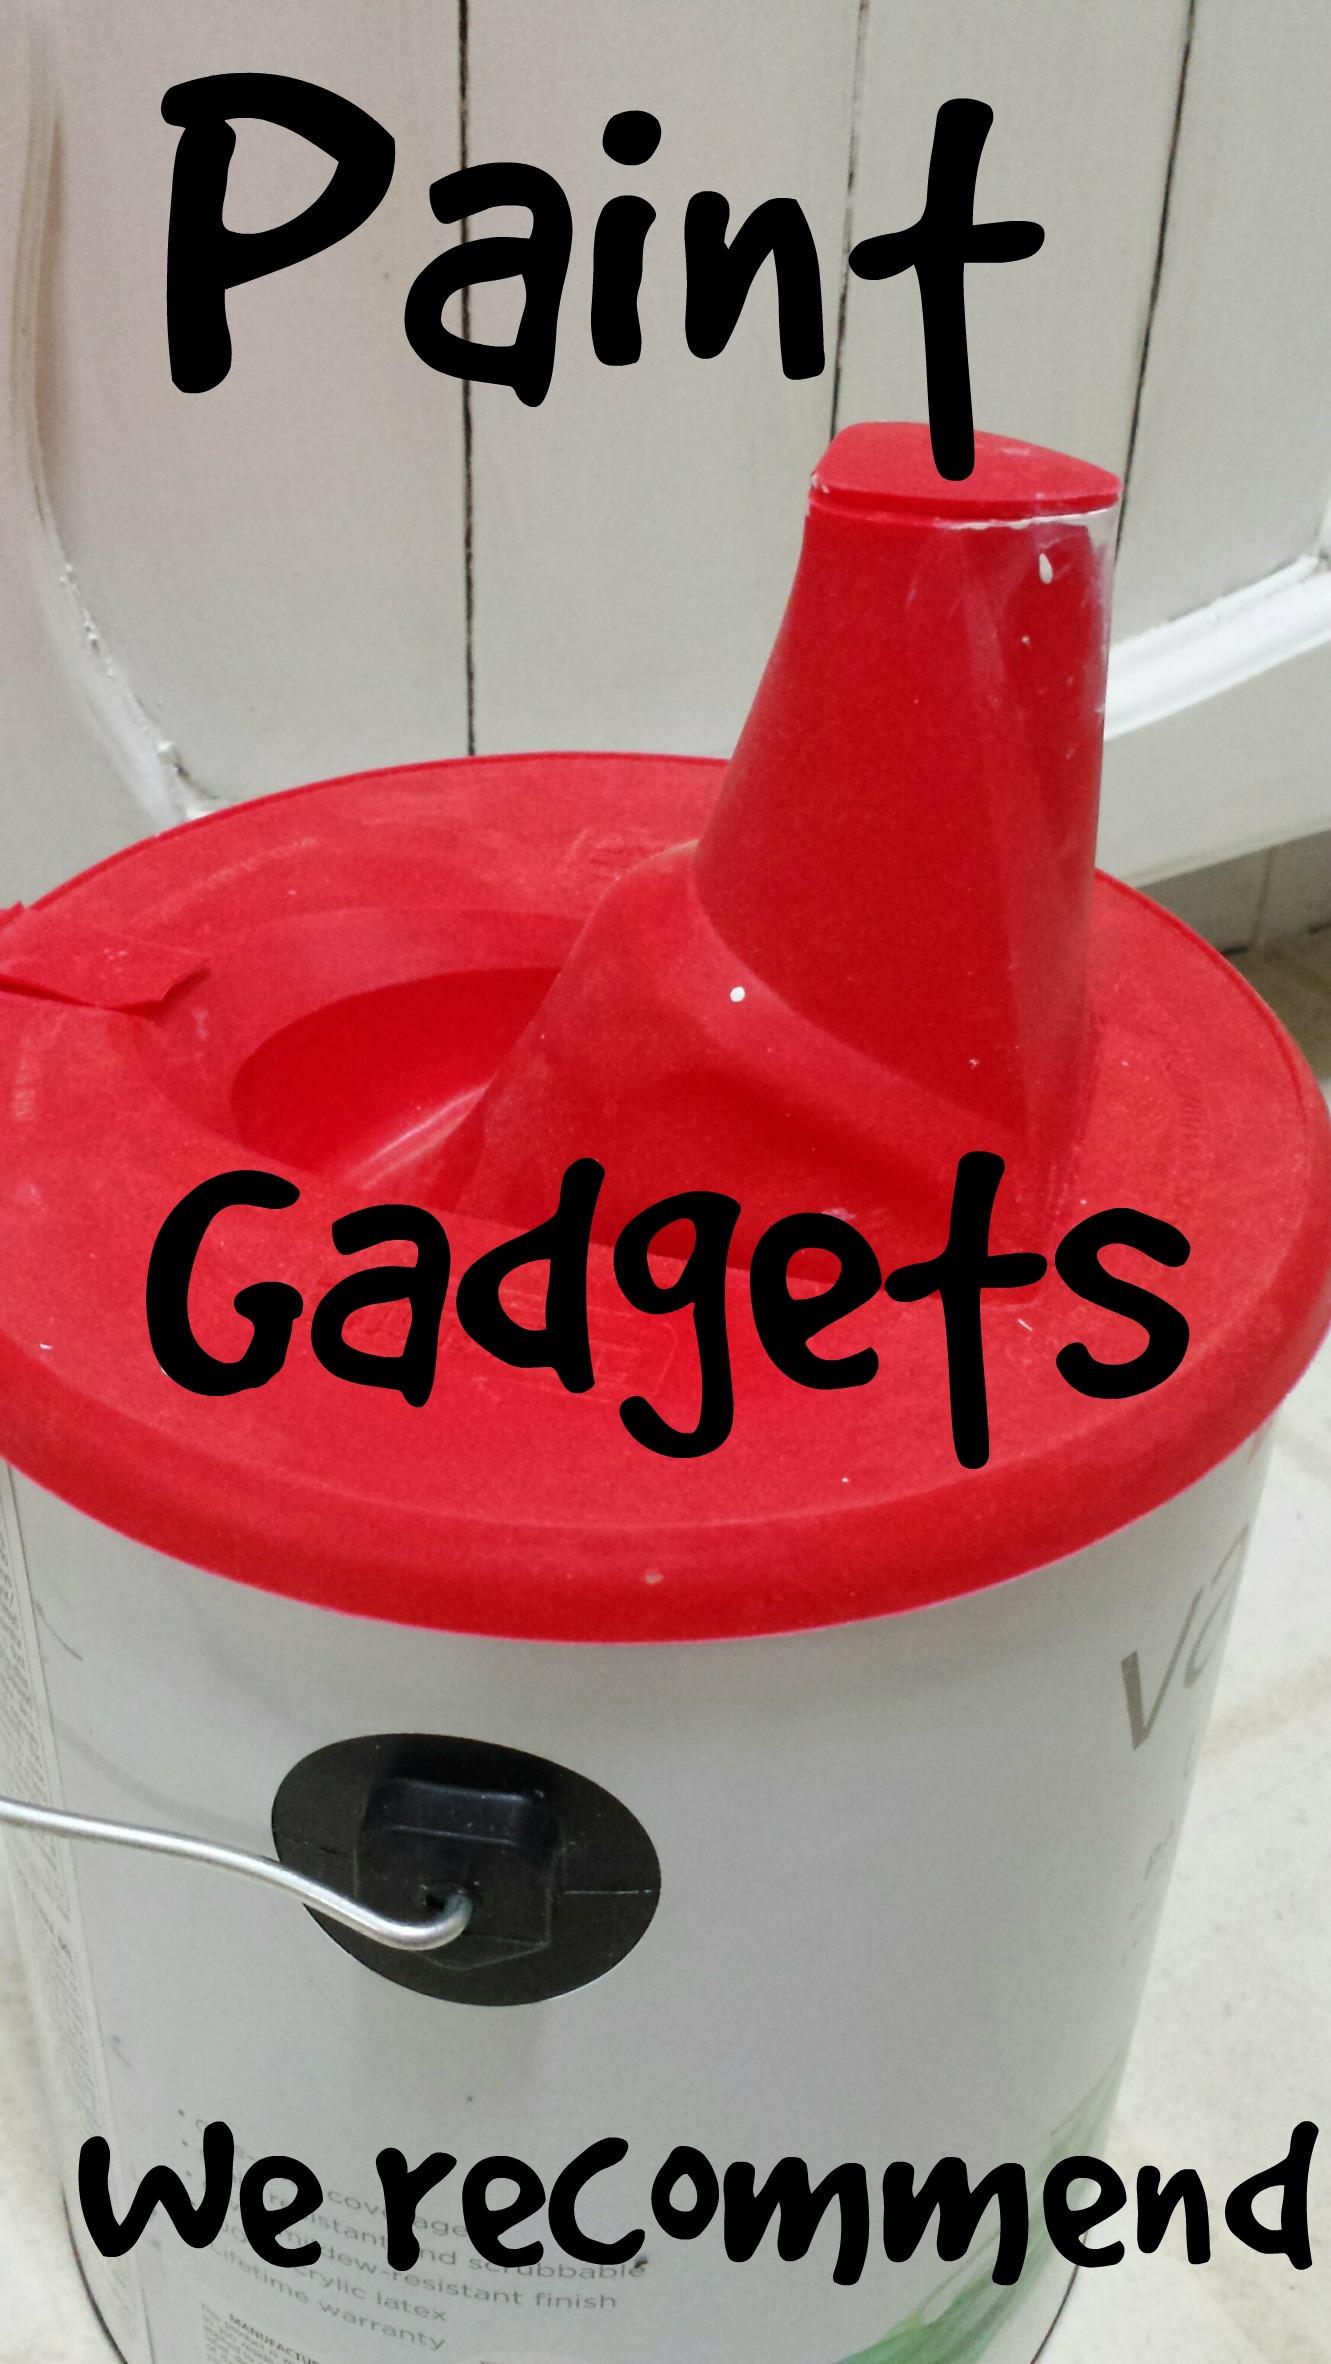 paint gadgets recommend